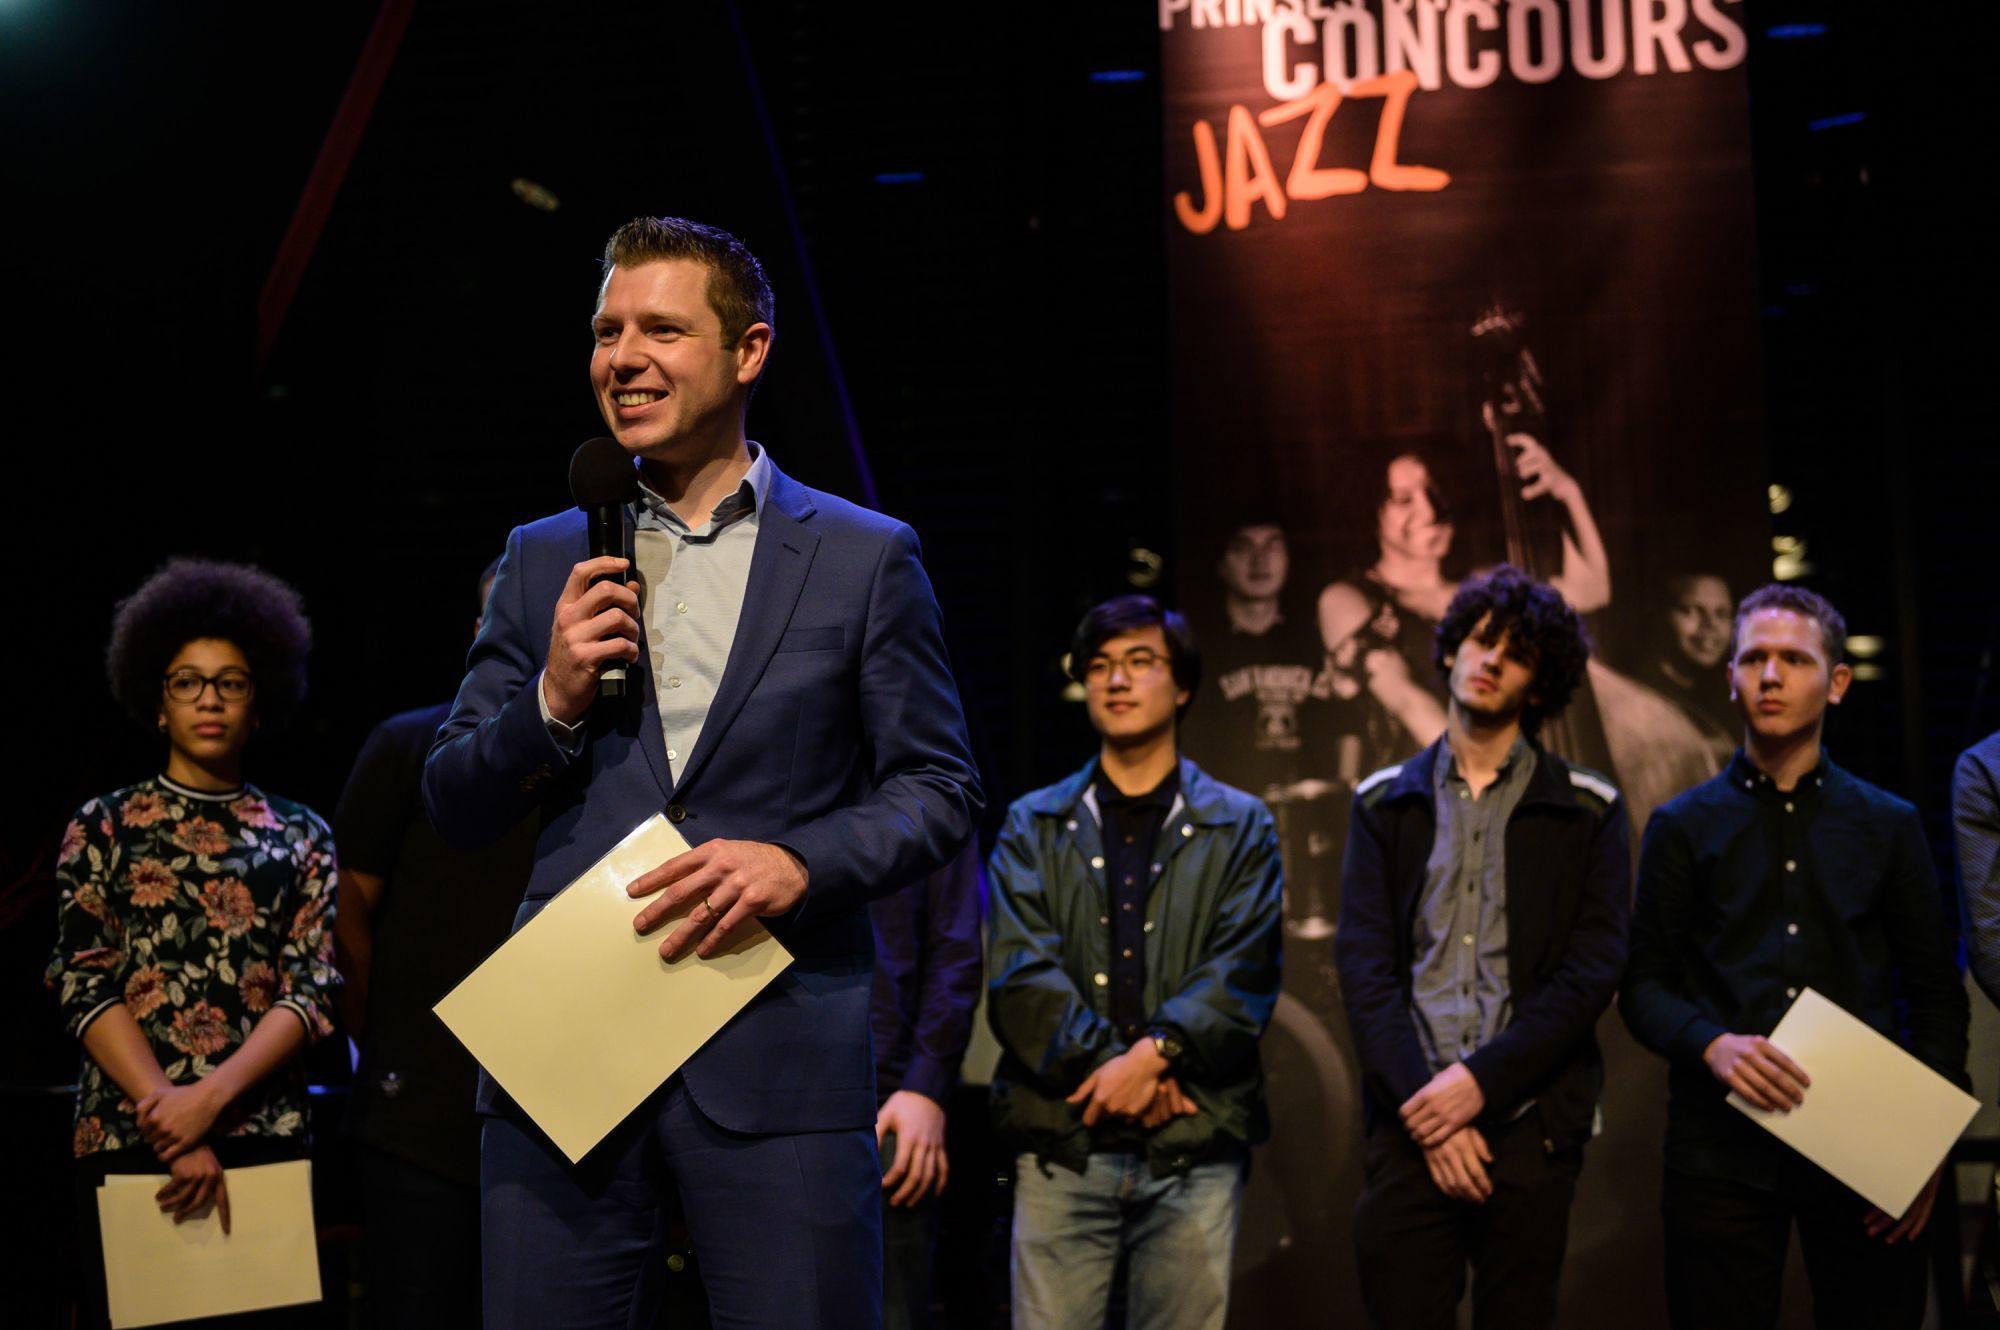 Alexander Buskermolen tijdens de uitreiking van de jazzprijs van het Prinses Christina Concours © Majanka Fotografie.